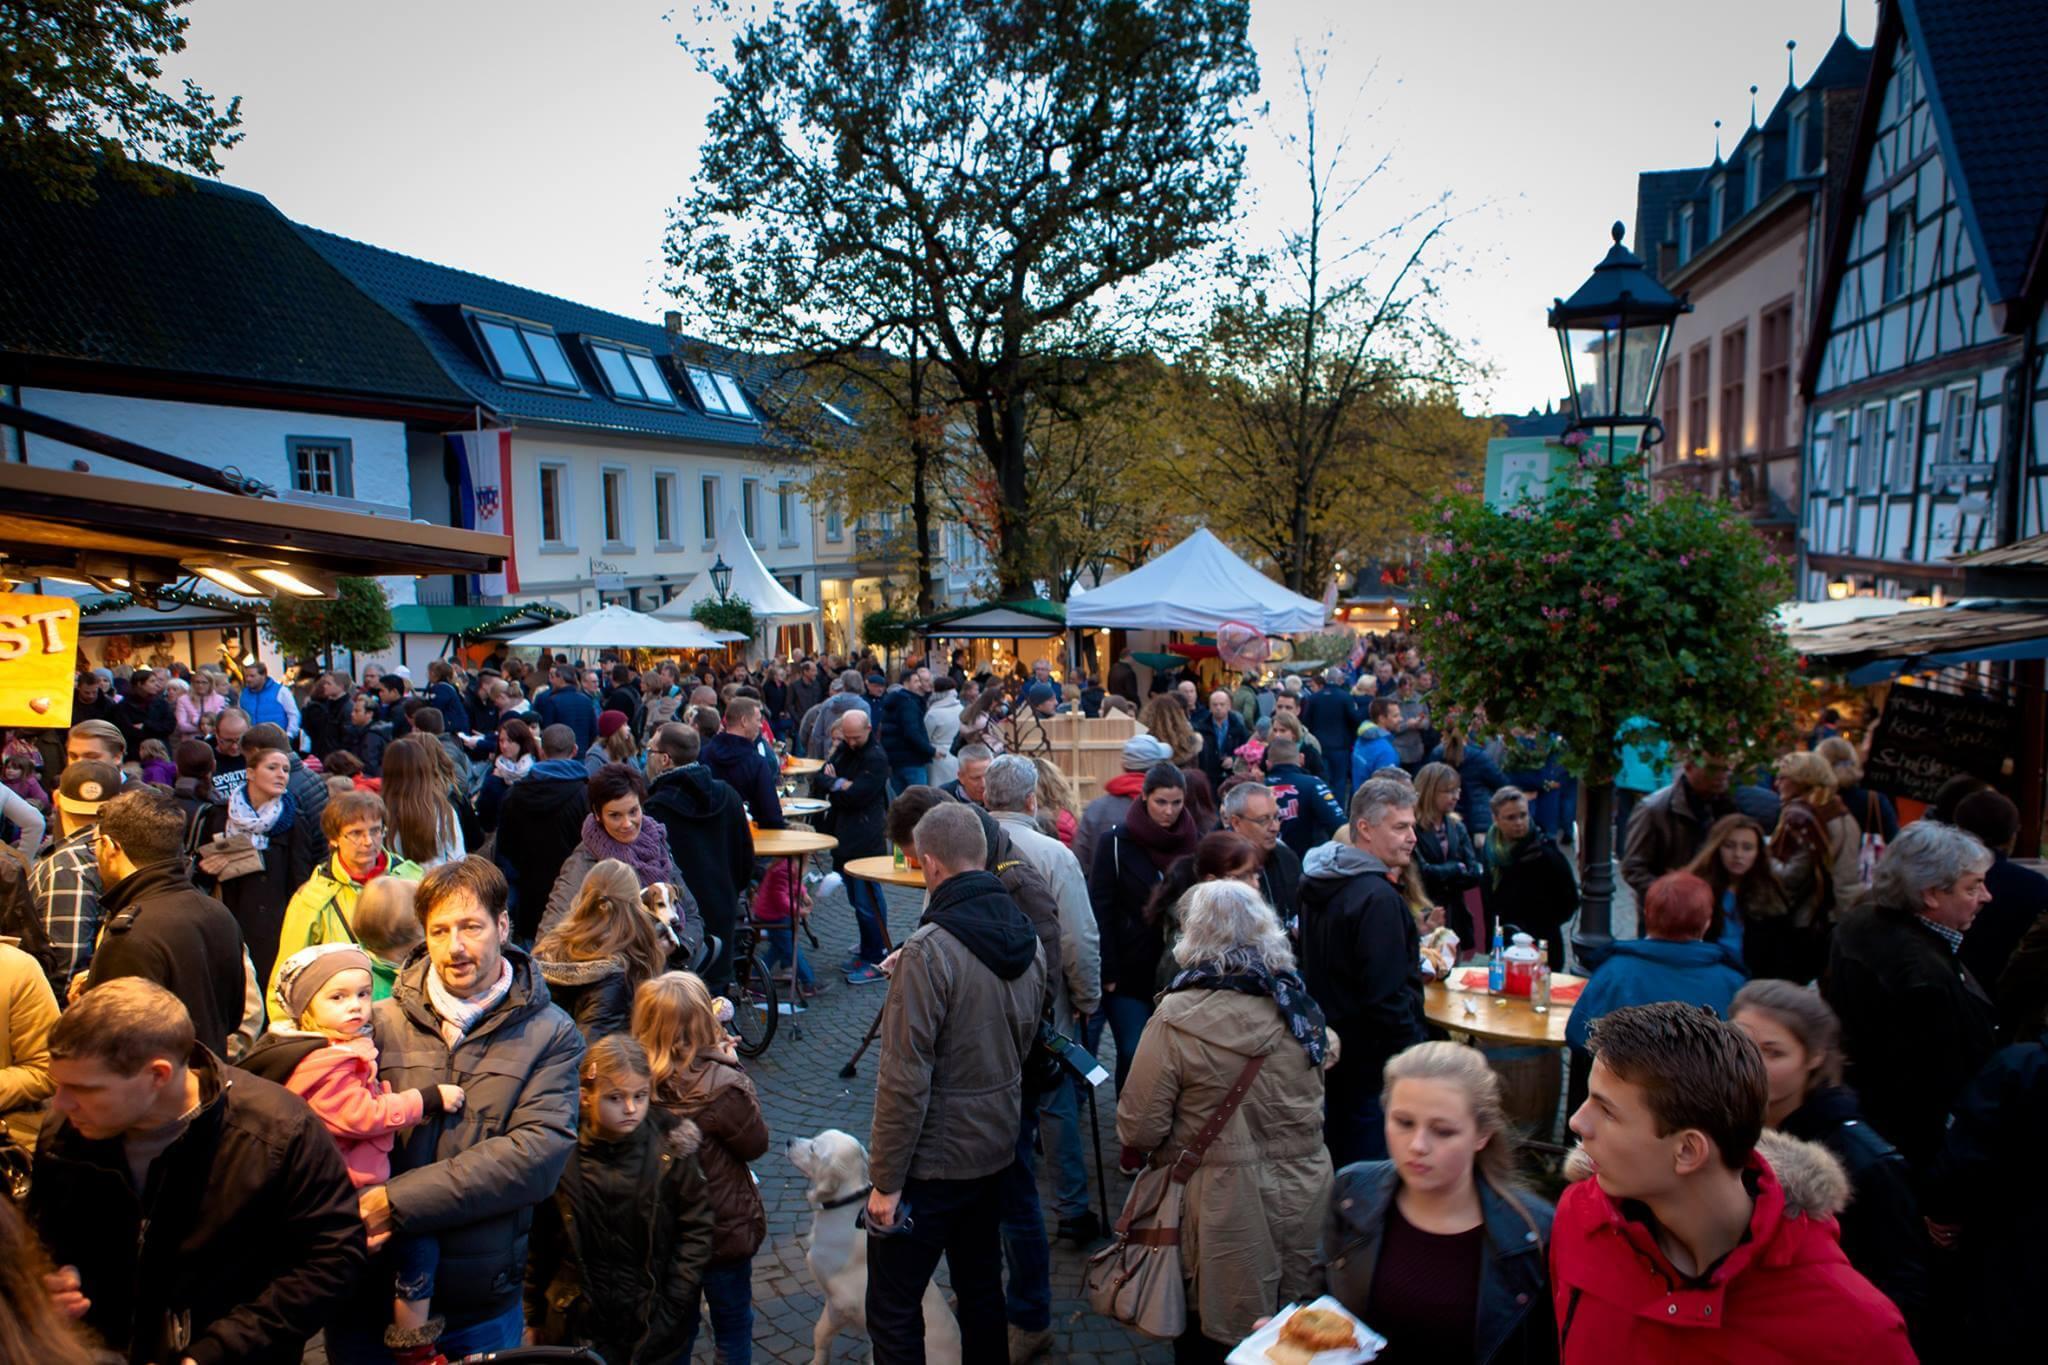 Viele Besucher auf dem Martinimarkt 2016 in Bad Honnef